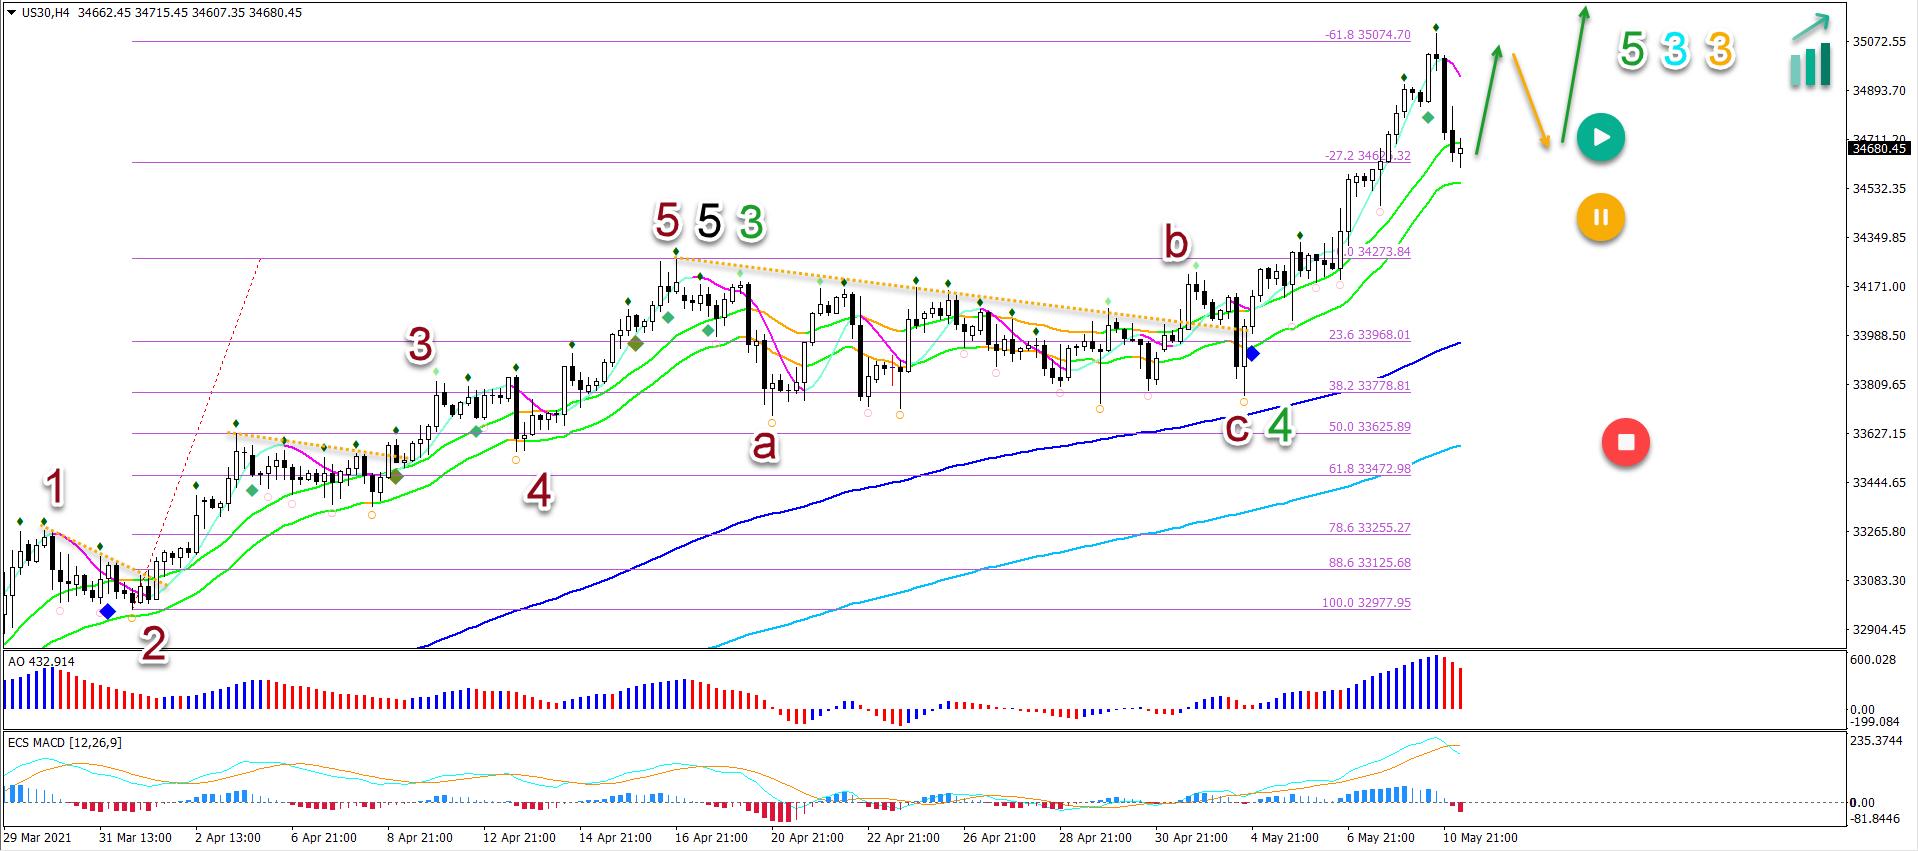 Dow Jones 11.5.2021 4 hour chart